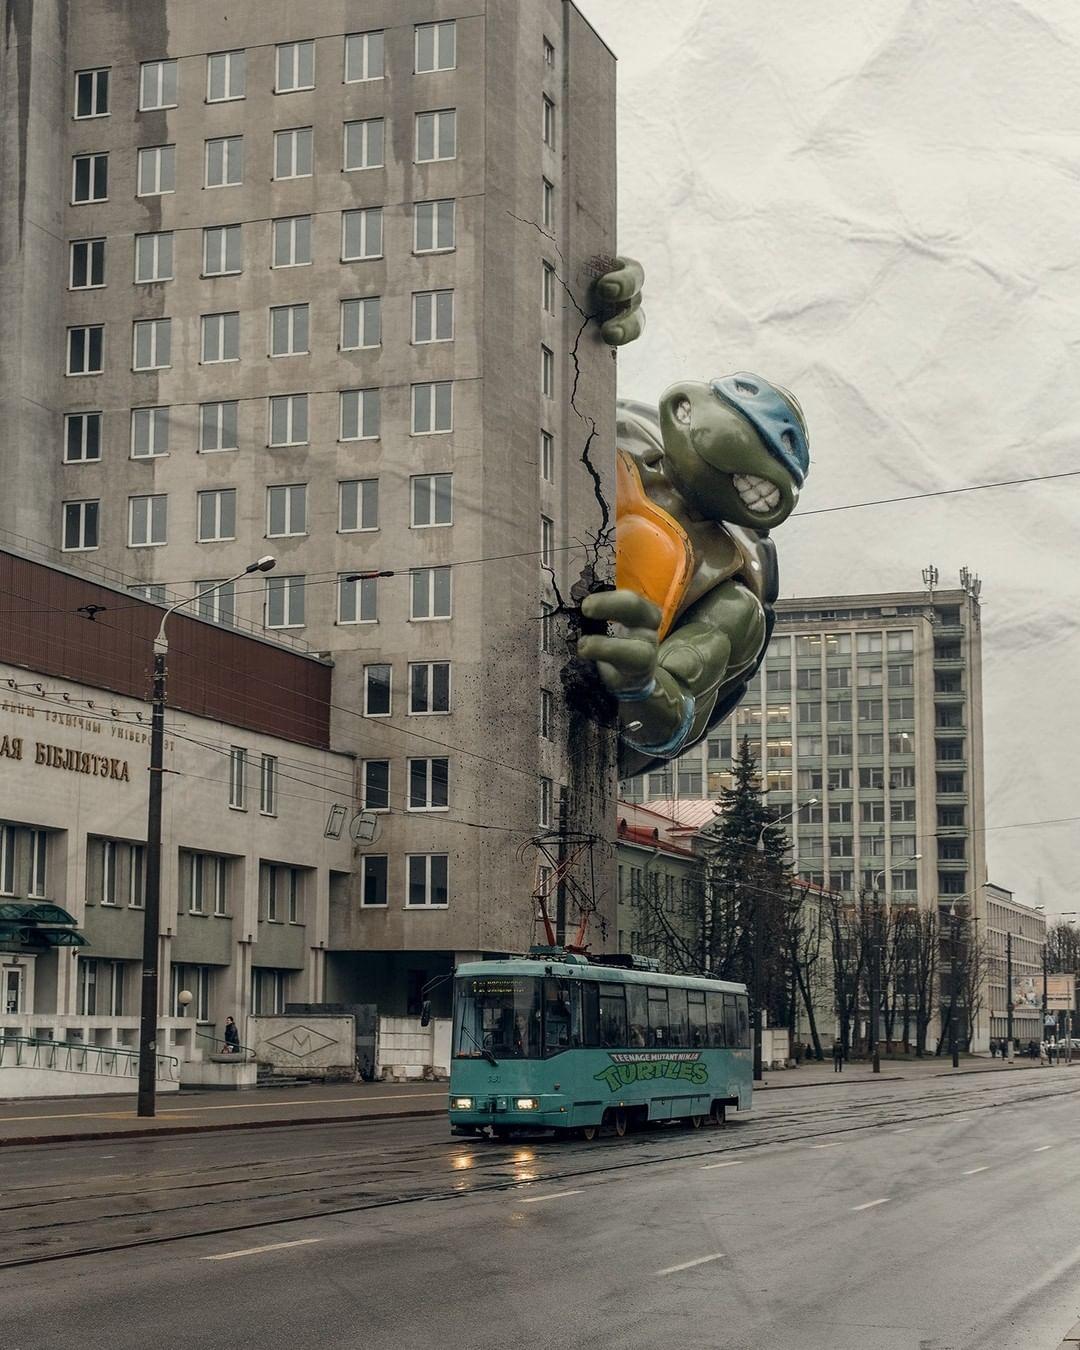 Tartaruga Ninja gigante conquista Minsk: Leonardo está explorando o mundo da arquitetura soviética em projeto de artista